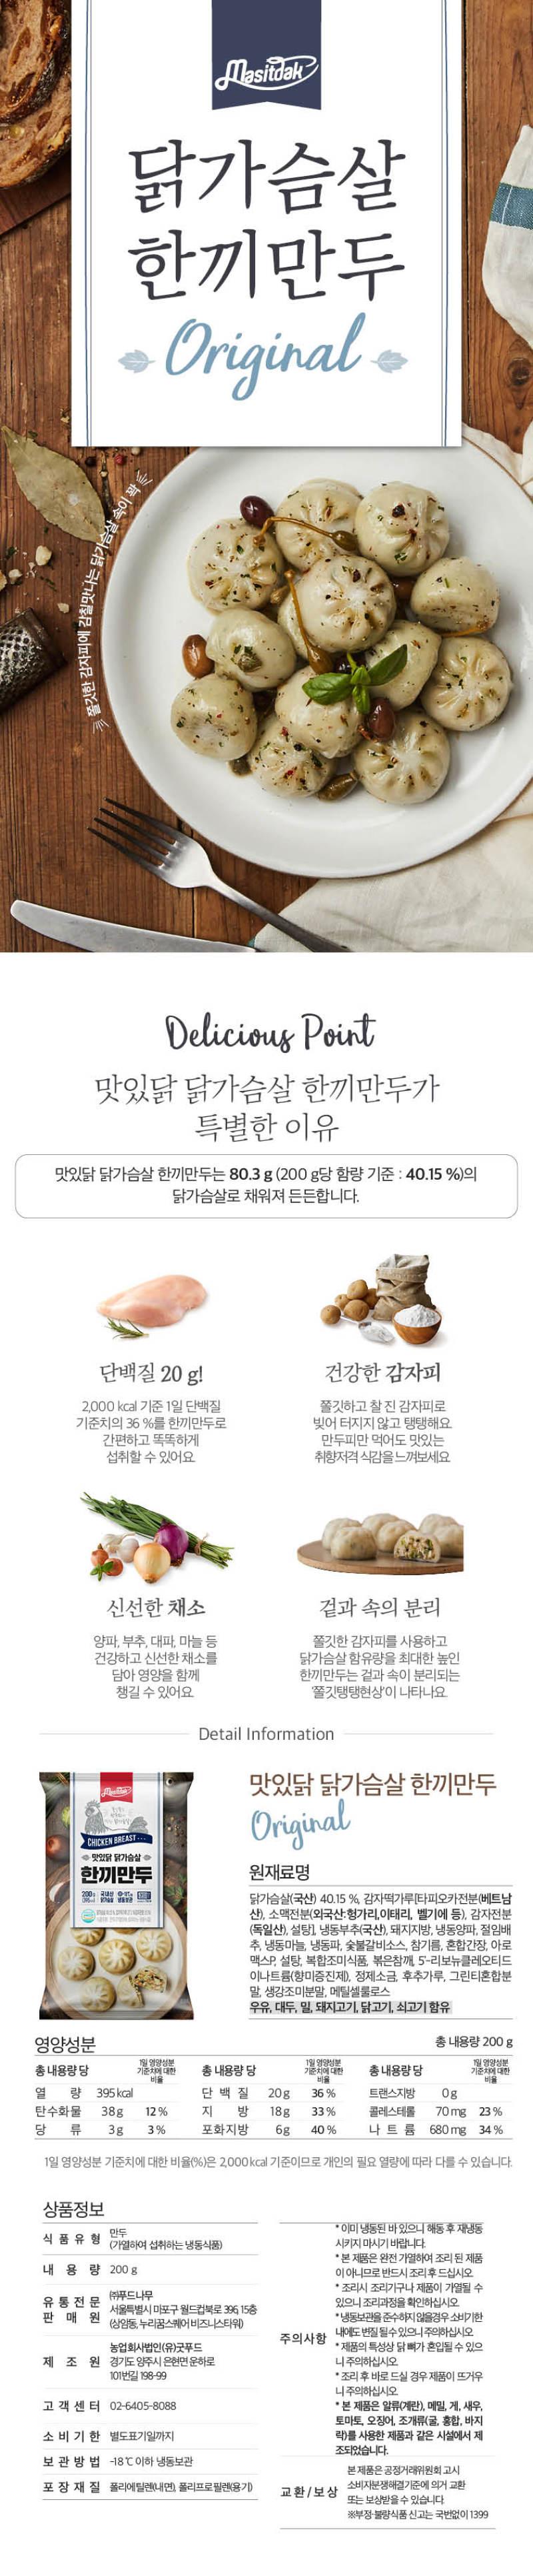 맛있닭_만두_오리